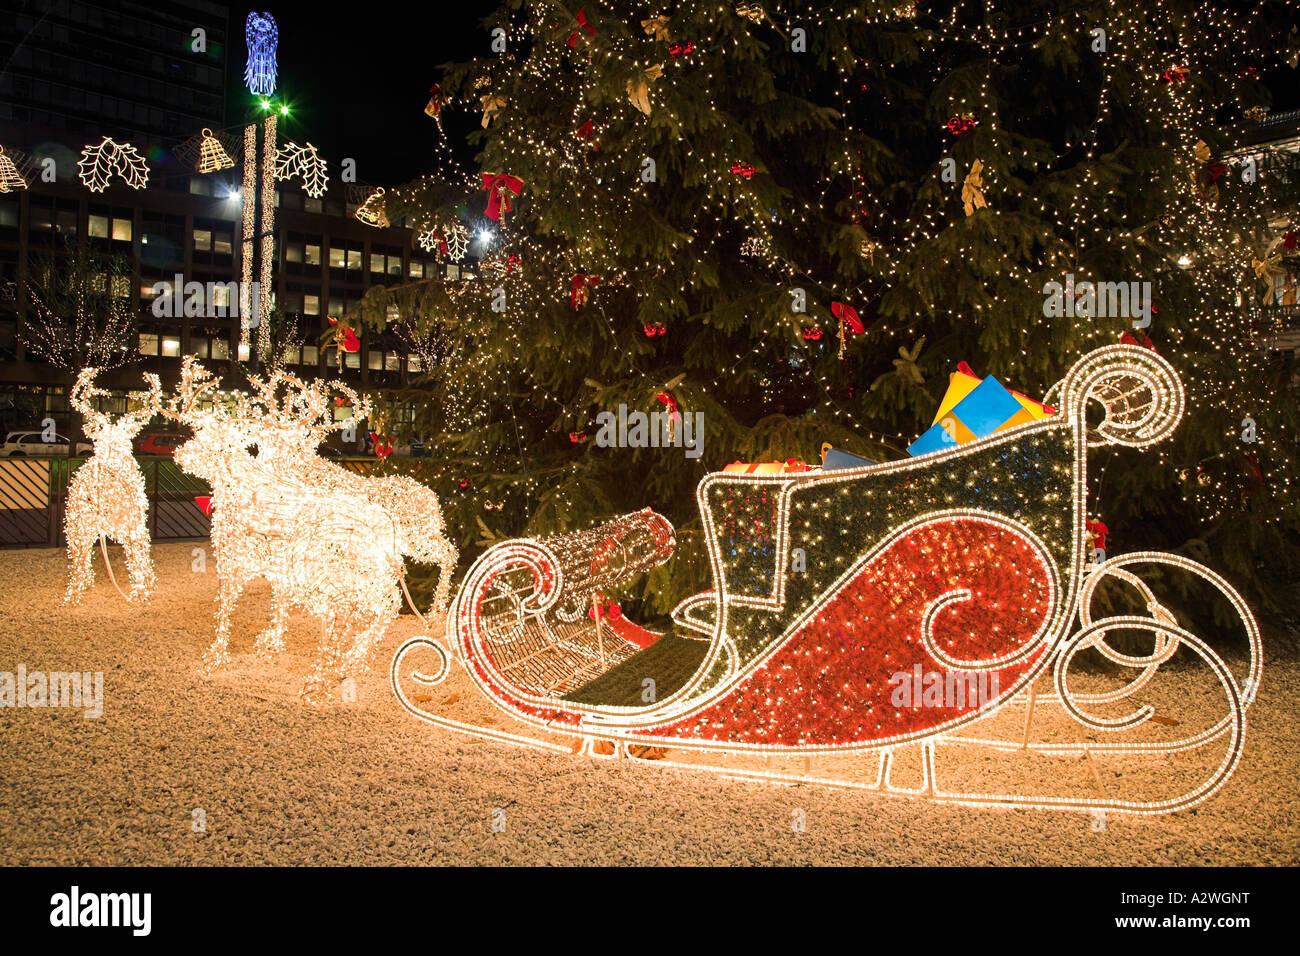 Weihnachtsbeleuchtung Schlitten Rentiere.Rentiere Und Schlitten Weihnachtsbeleuchtung In George Square